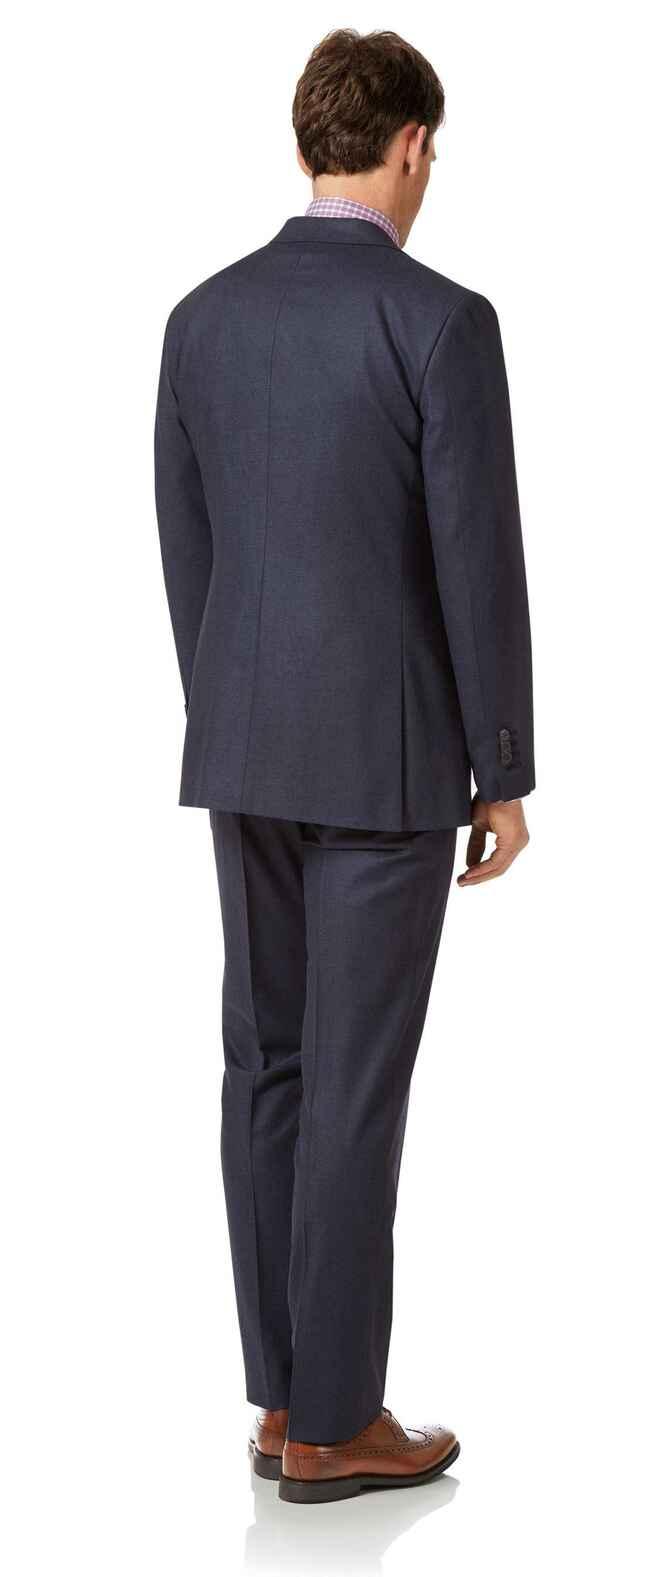 Airforce blue slim fit flannel business suit